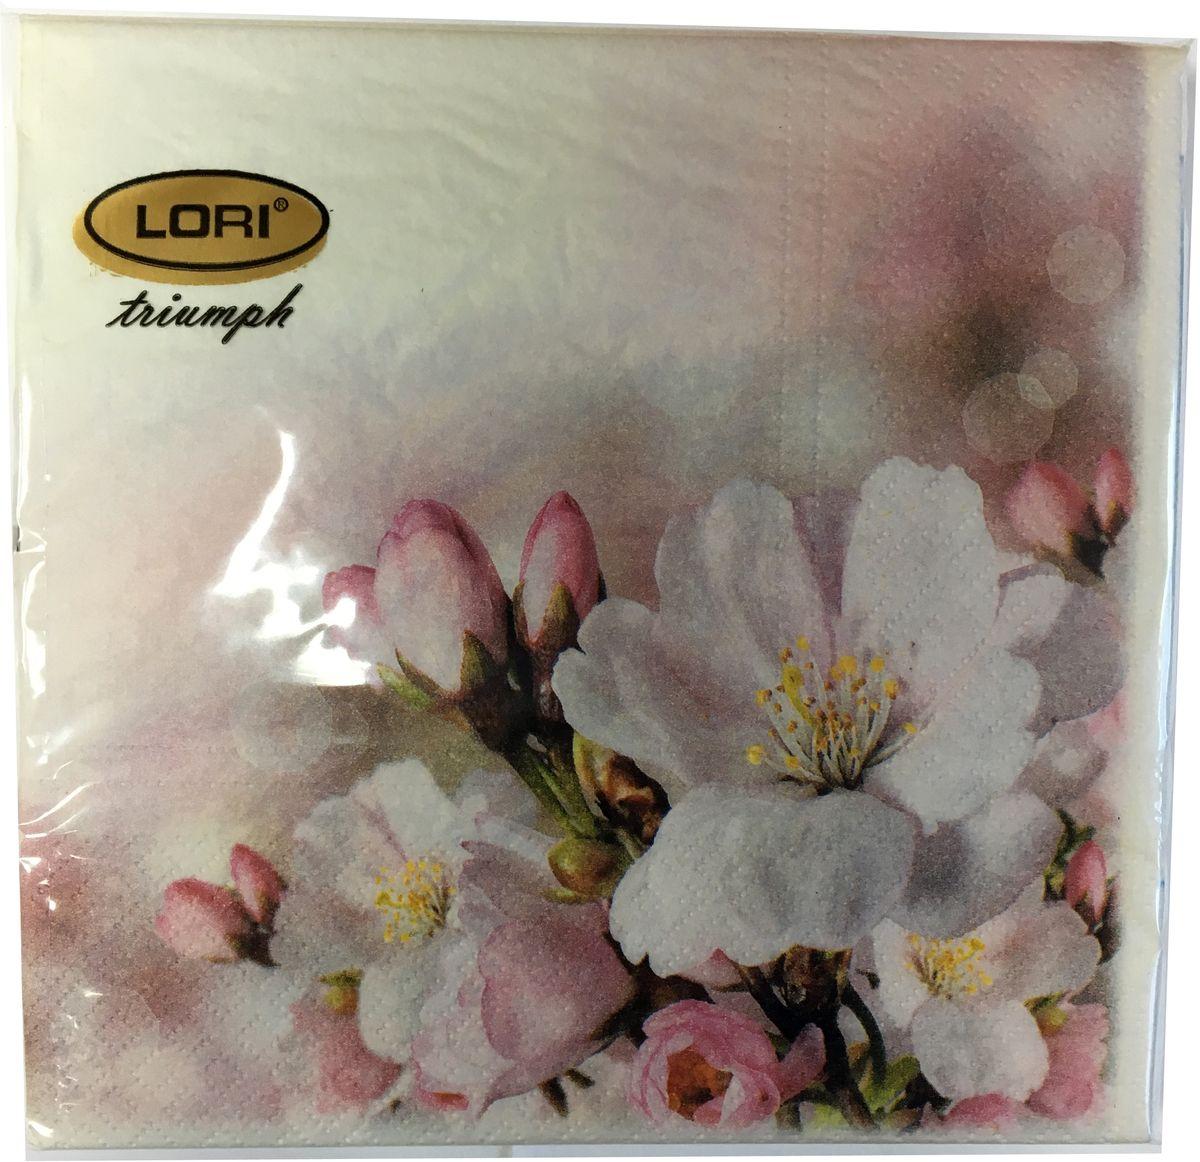 Салфетки бумажные Lori Triumph, трехслойные, цвет: белый, розовый, 33 х 33 см, 30 шт. 56612V30 AC DCДекоративные трехслойные салфетки Lori Triumph выполнены из 100% целлюлозы и оформлены ярким рисунком. Изделия станут отличным дополнением любого праздничного стола. Они отличаются необычной мягкостью, прочностью и оригинальностью.Размер салфеток в развернутом виде: 33 х 33 см.